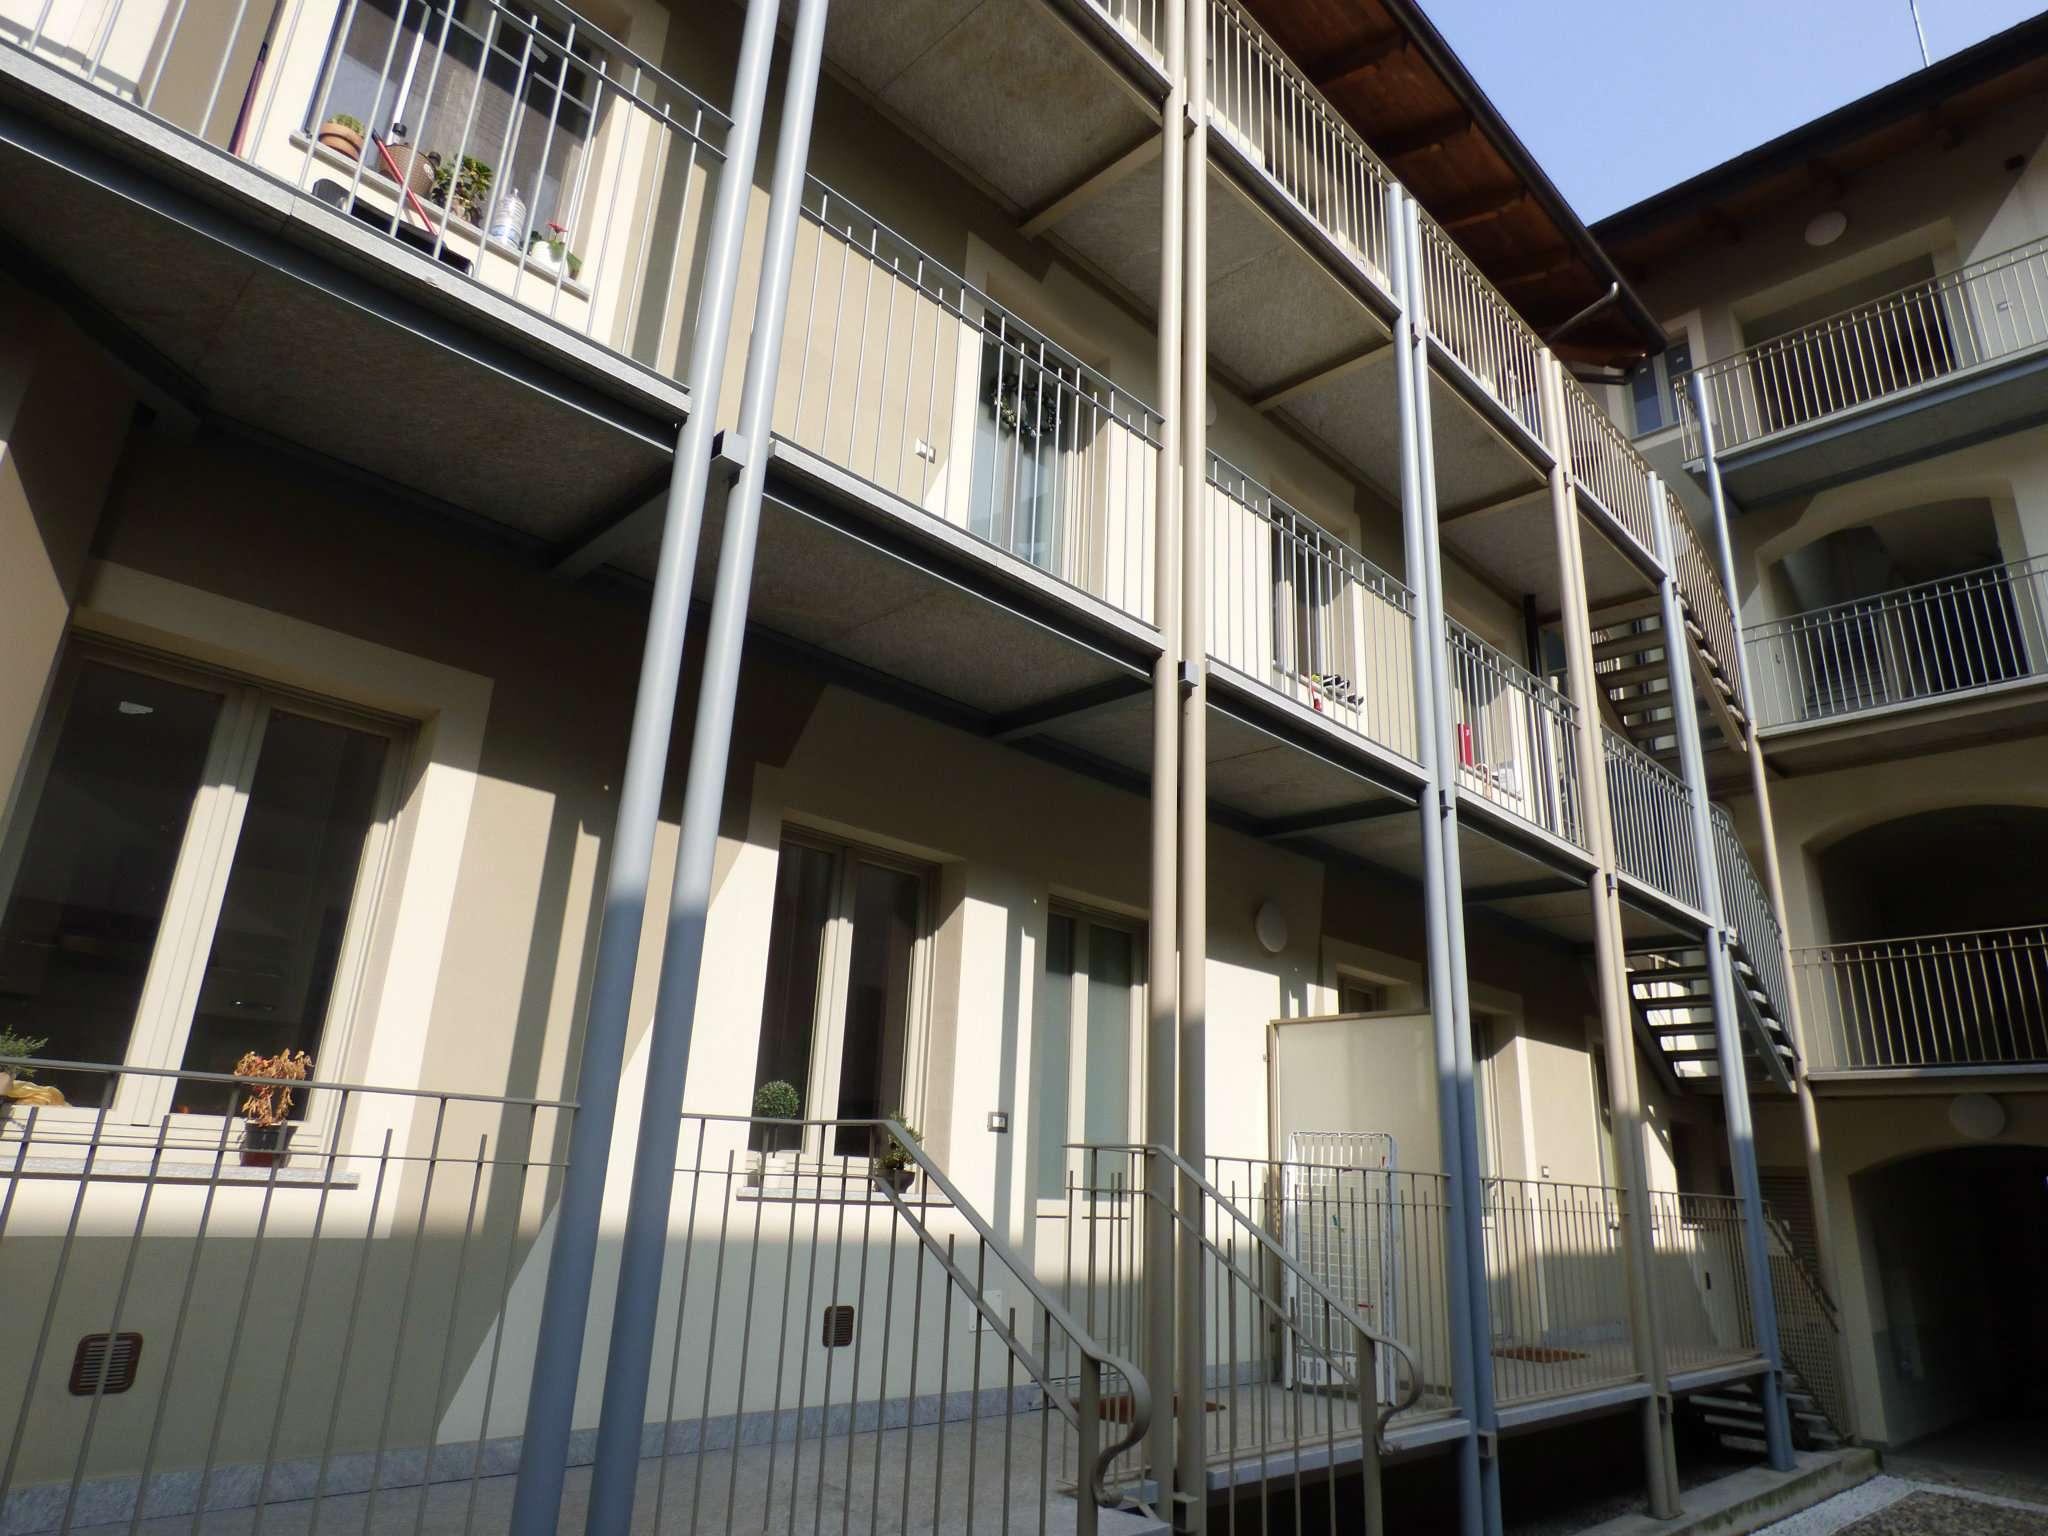 Palazzo / Stabile in vendita a Torino, 9999 locali, zona Zona: 10 . Aurora, Valdocco, prezzo € 1.150.000 | CambioCasa.it